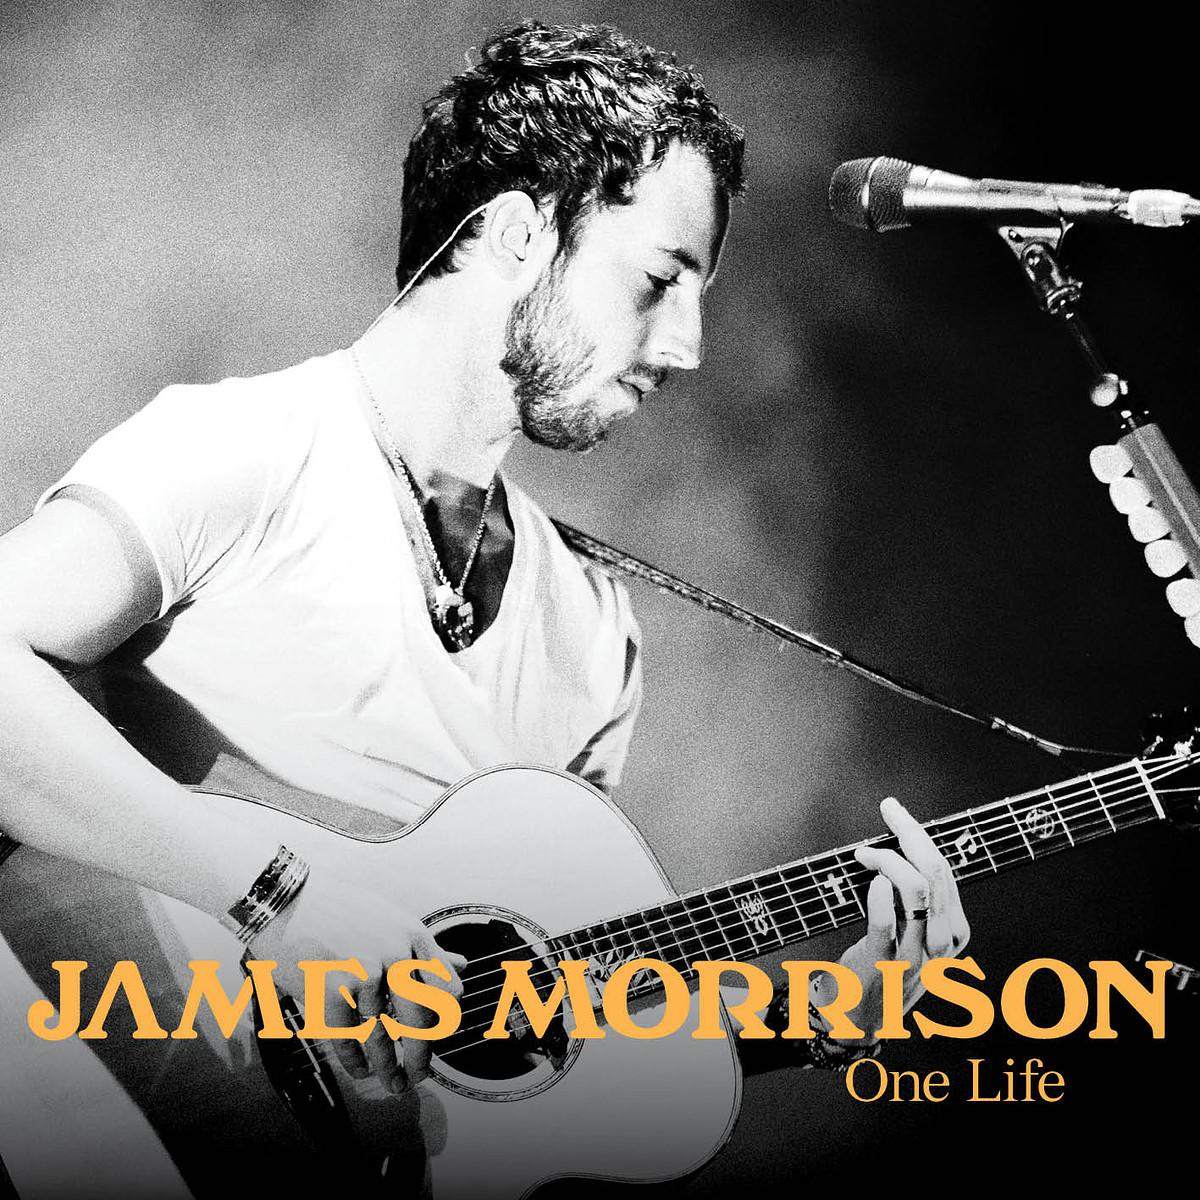 James Morrison One Life cover packshot.jpg